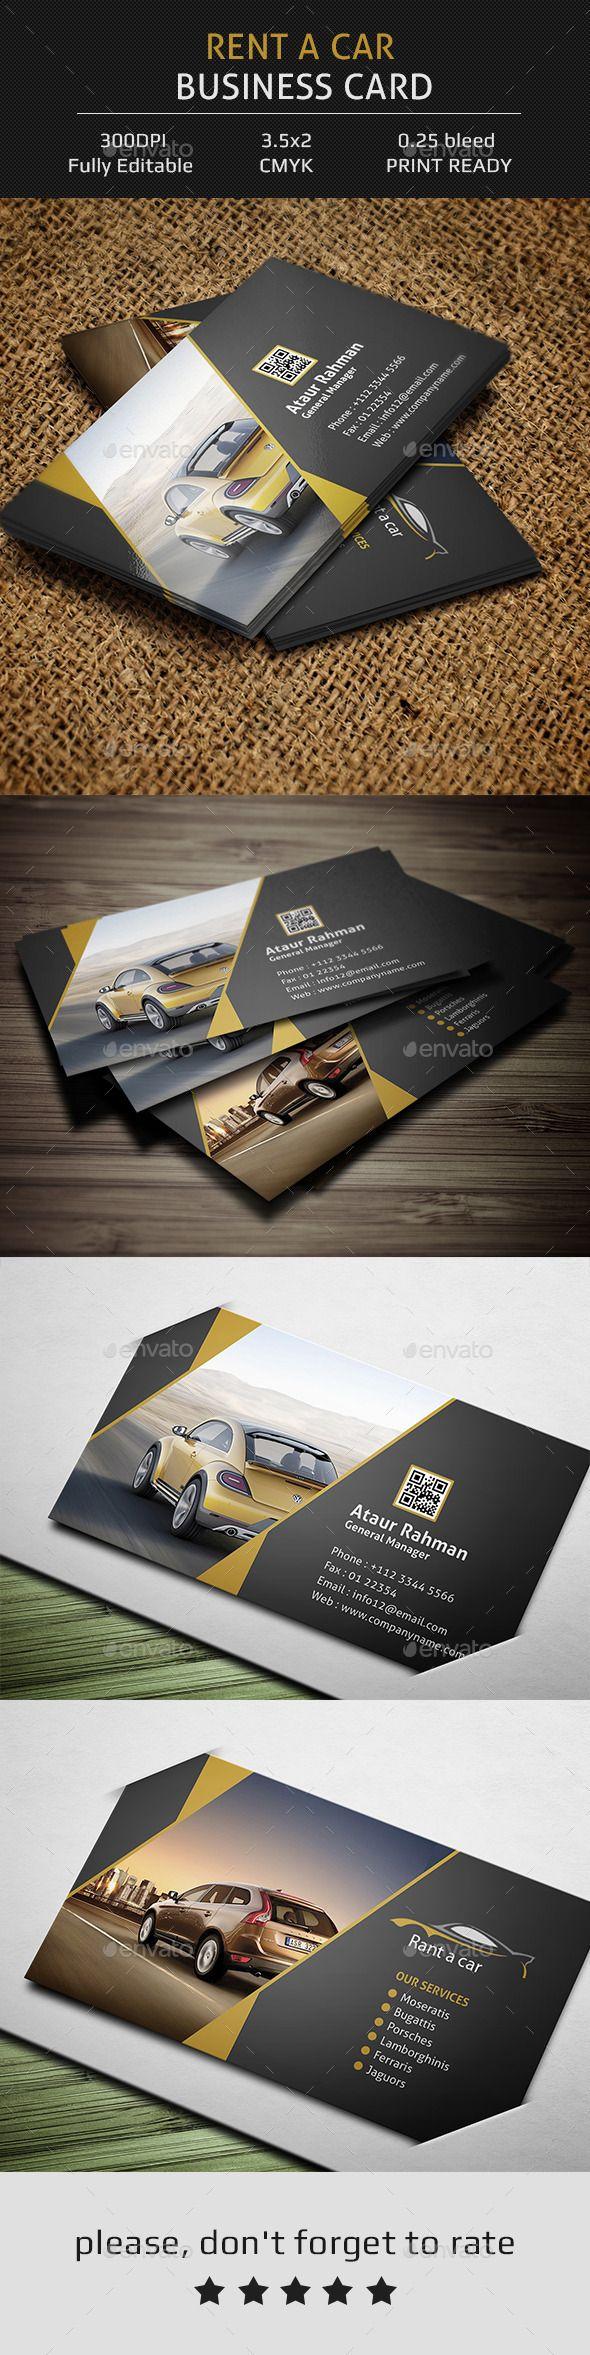 709 best tarjetas de presentacion images on pinterest rent a car business card reheart Images